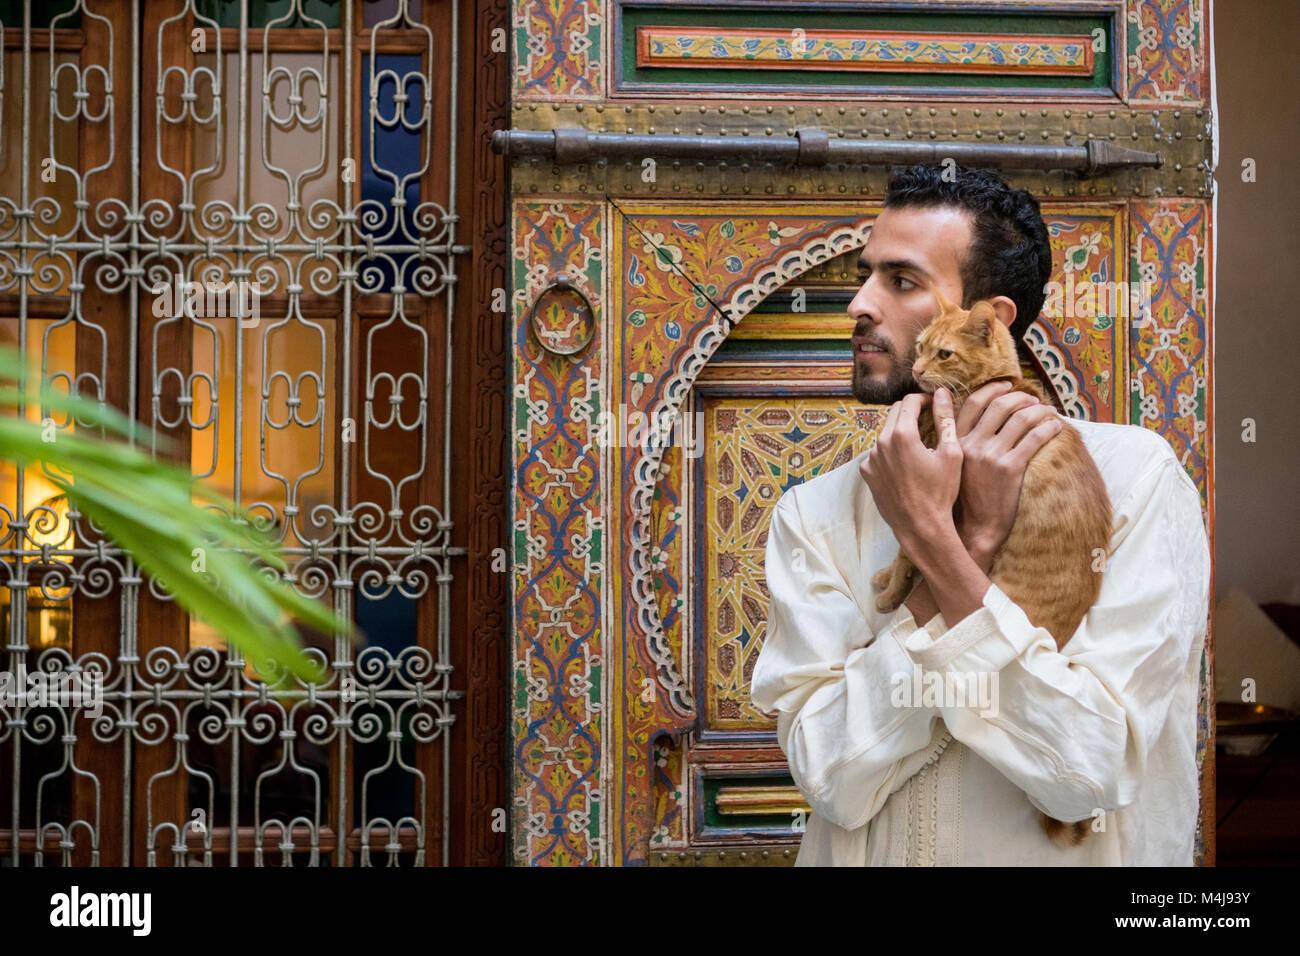 Junge muslimische Mann in traditioneller Kleidung, die eine Gelbe Katze im traditionellen marokkanischen Ambiente Stockbild